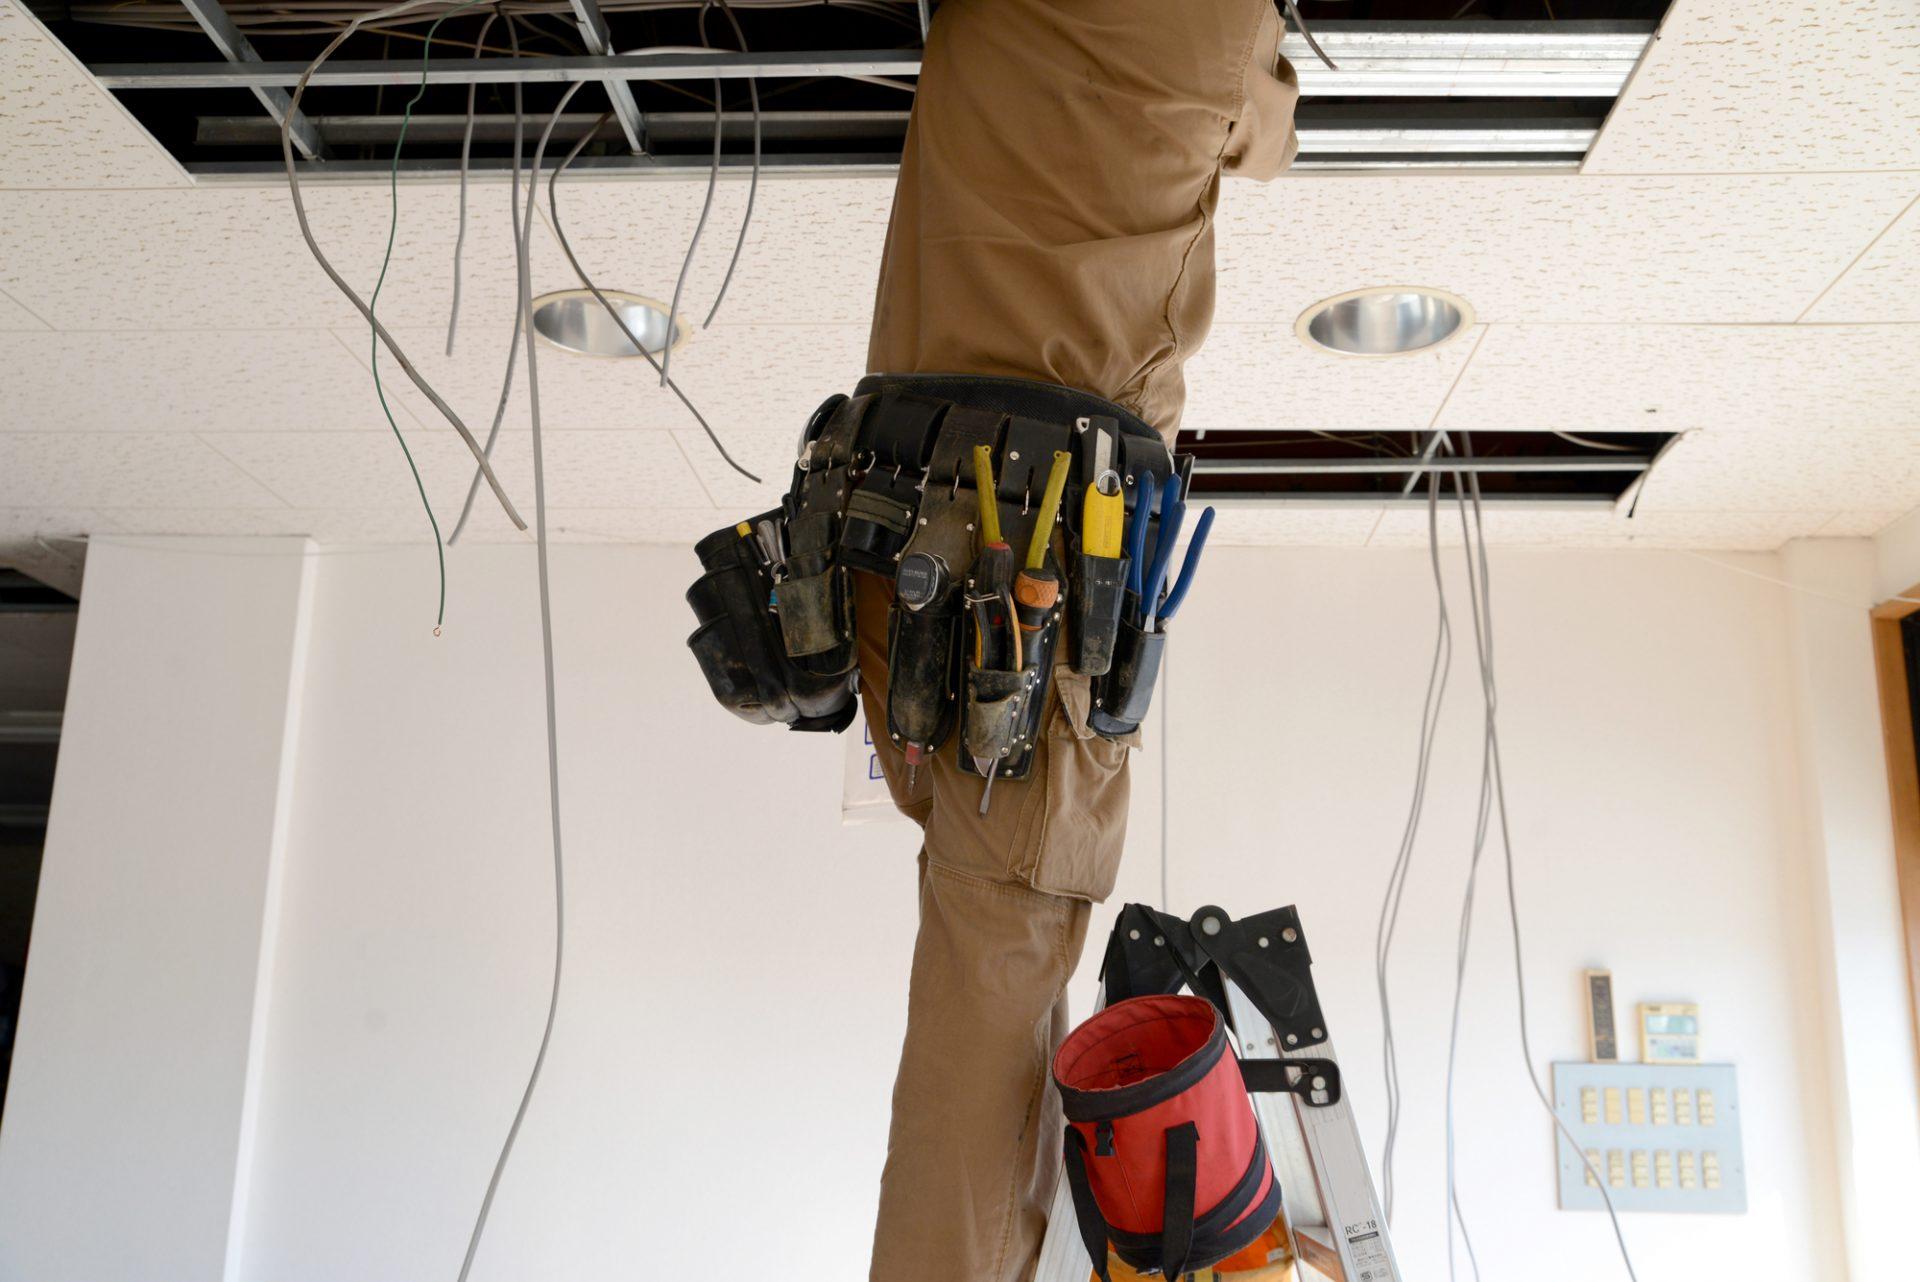 照明で暮らしはどう変わる?電気工事は建物の耐用年数も考えよう